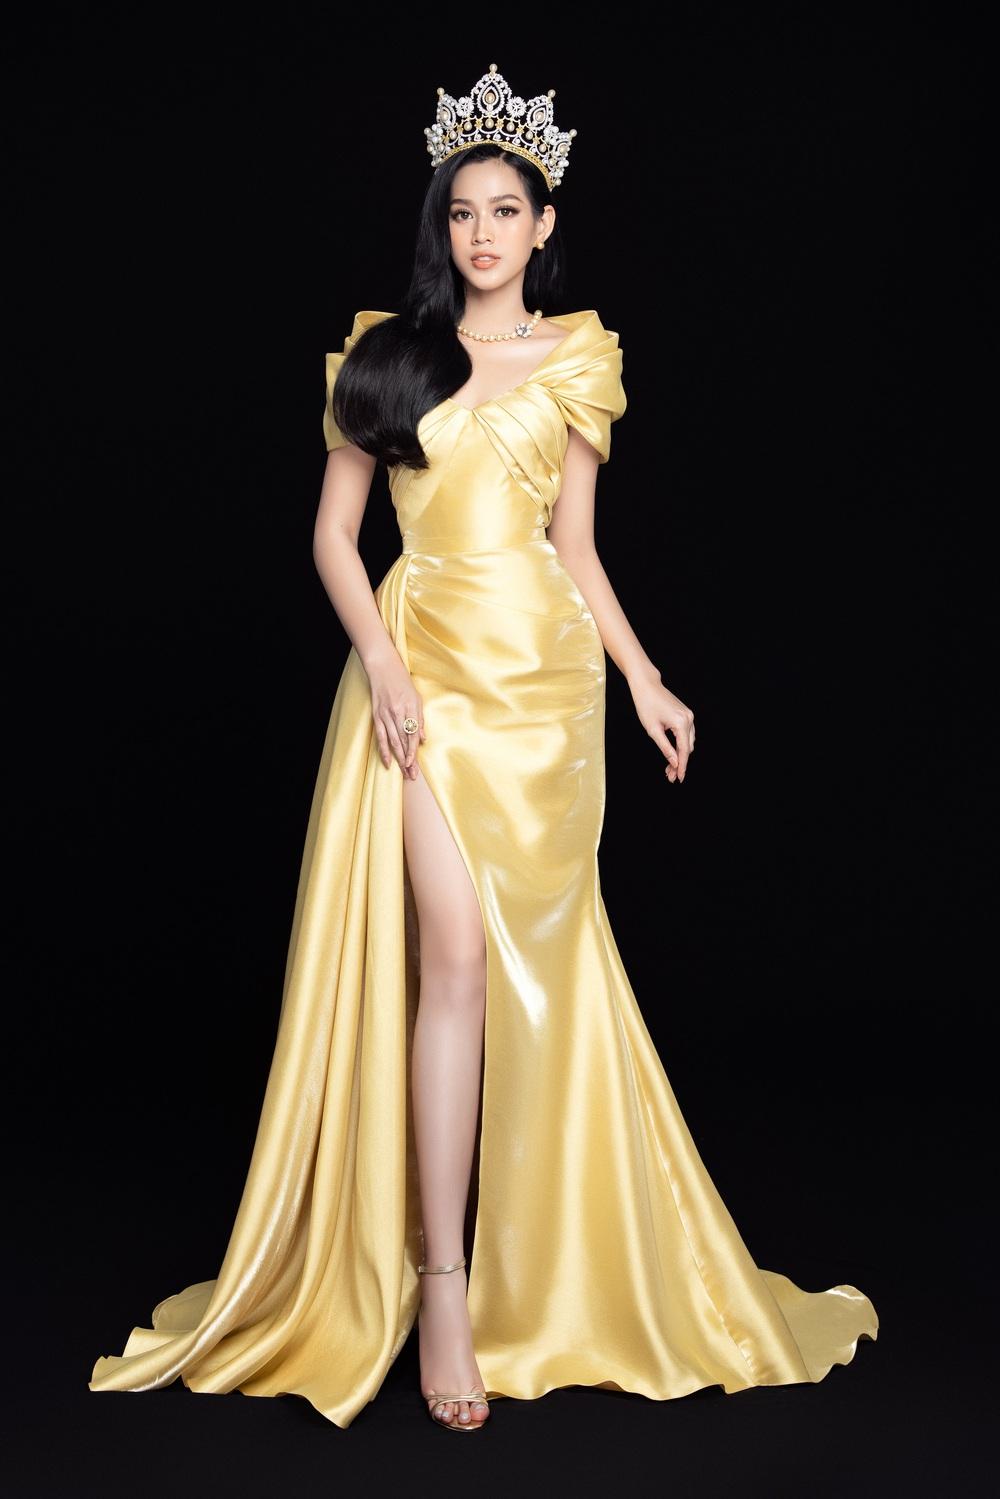 Hoa hậu Đỗ Thị Hà đọ sắc bên hai Á hậu sau 1 tháng đăng quang - Ảnh 5.